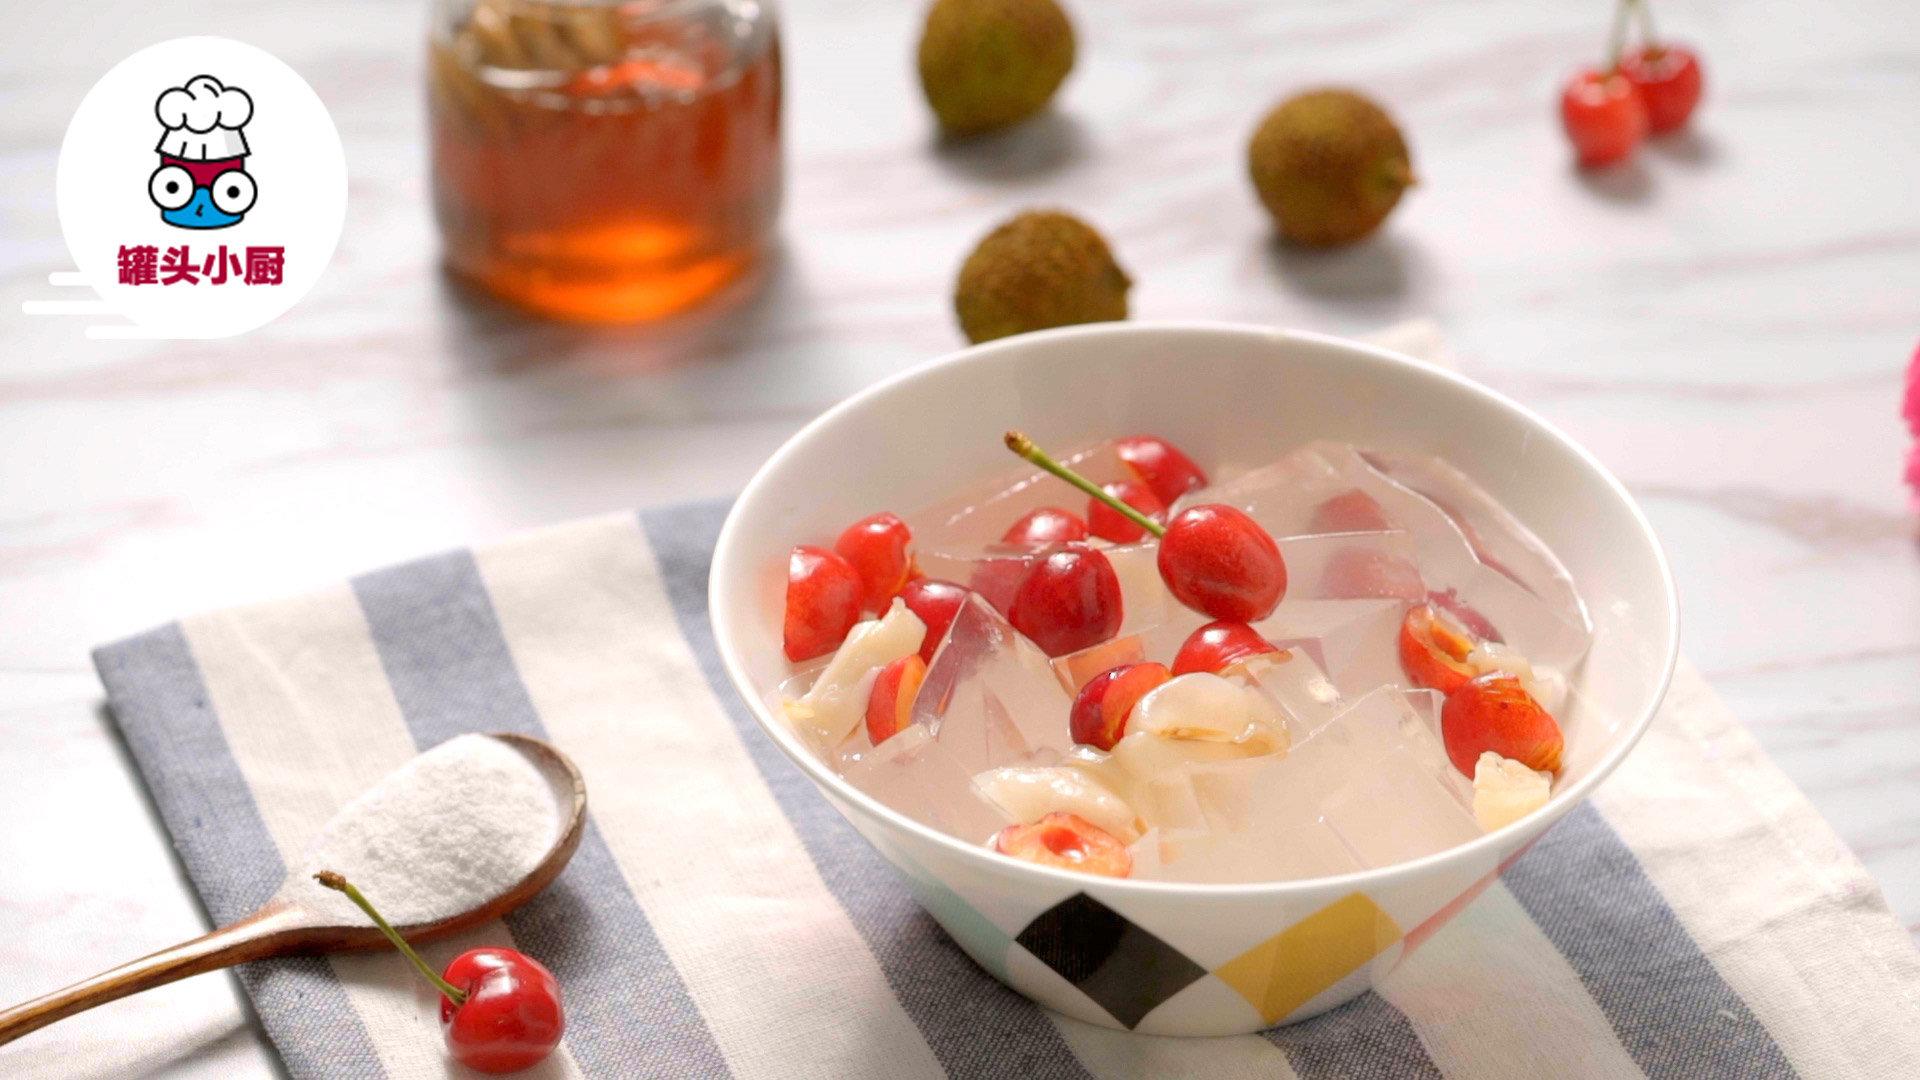 零难度爽滑冰粉!据说是夏天最赞的消暑甜品!